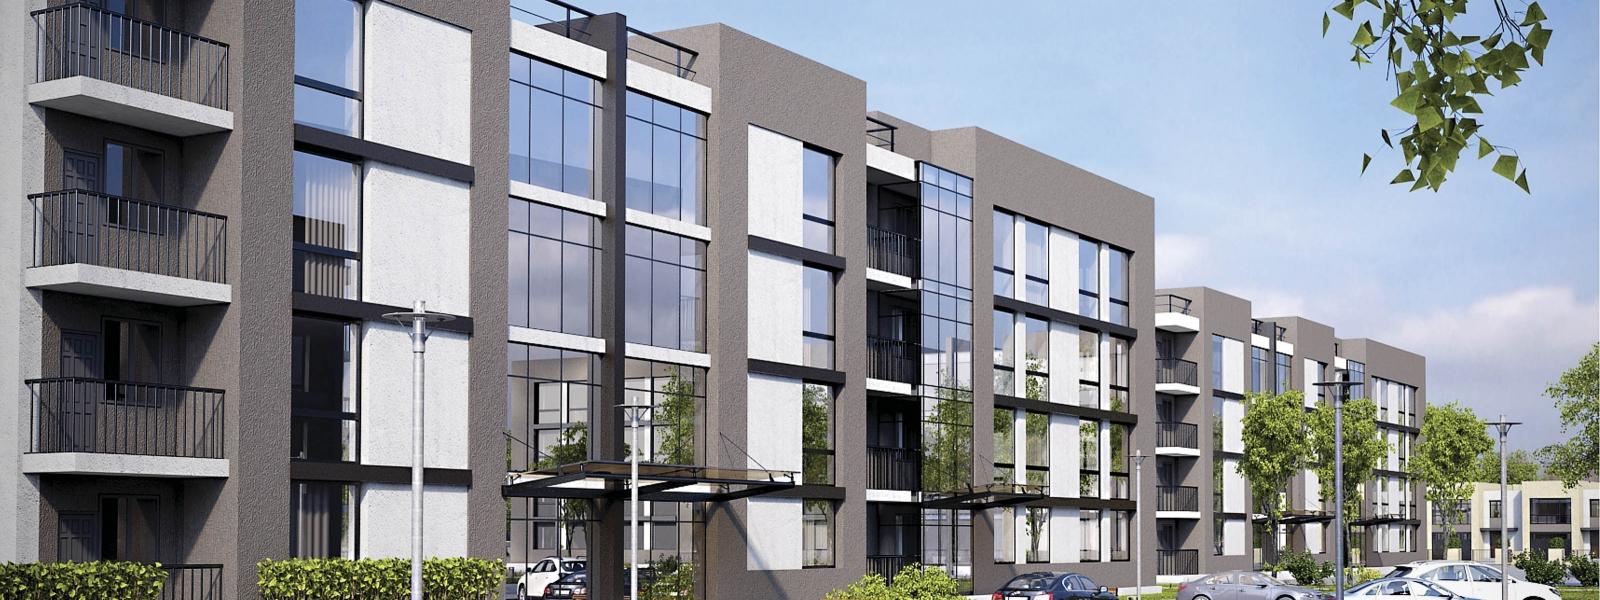 work-Архитектурно-градостроительная концепция нового микрорайона в Тюмени